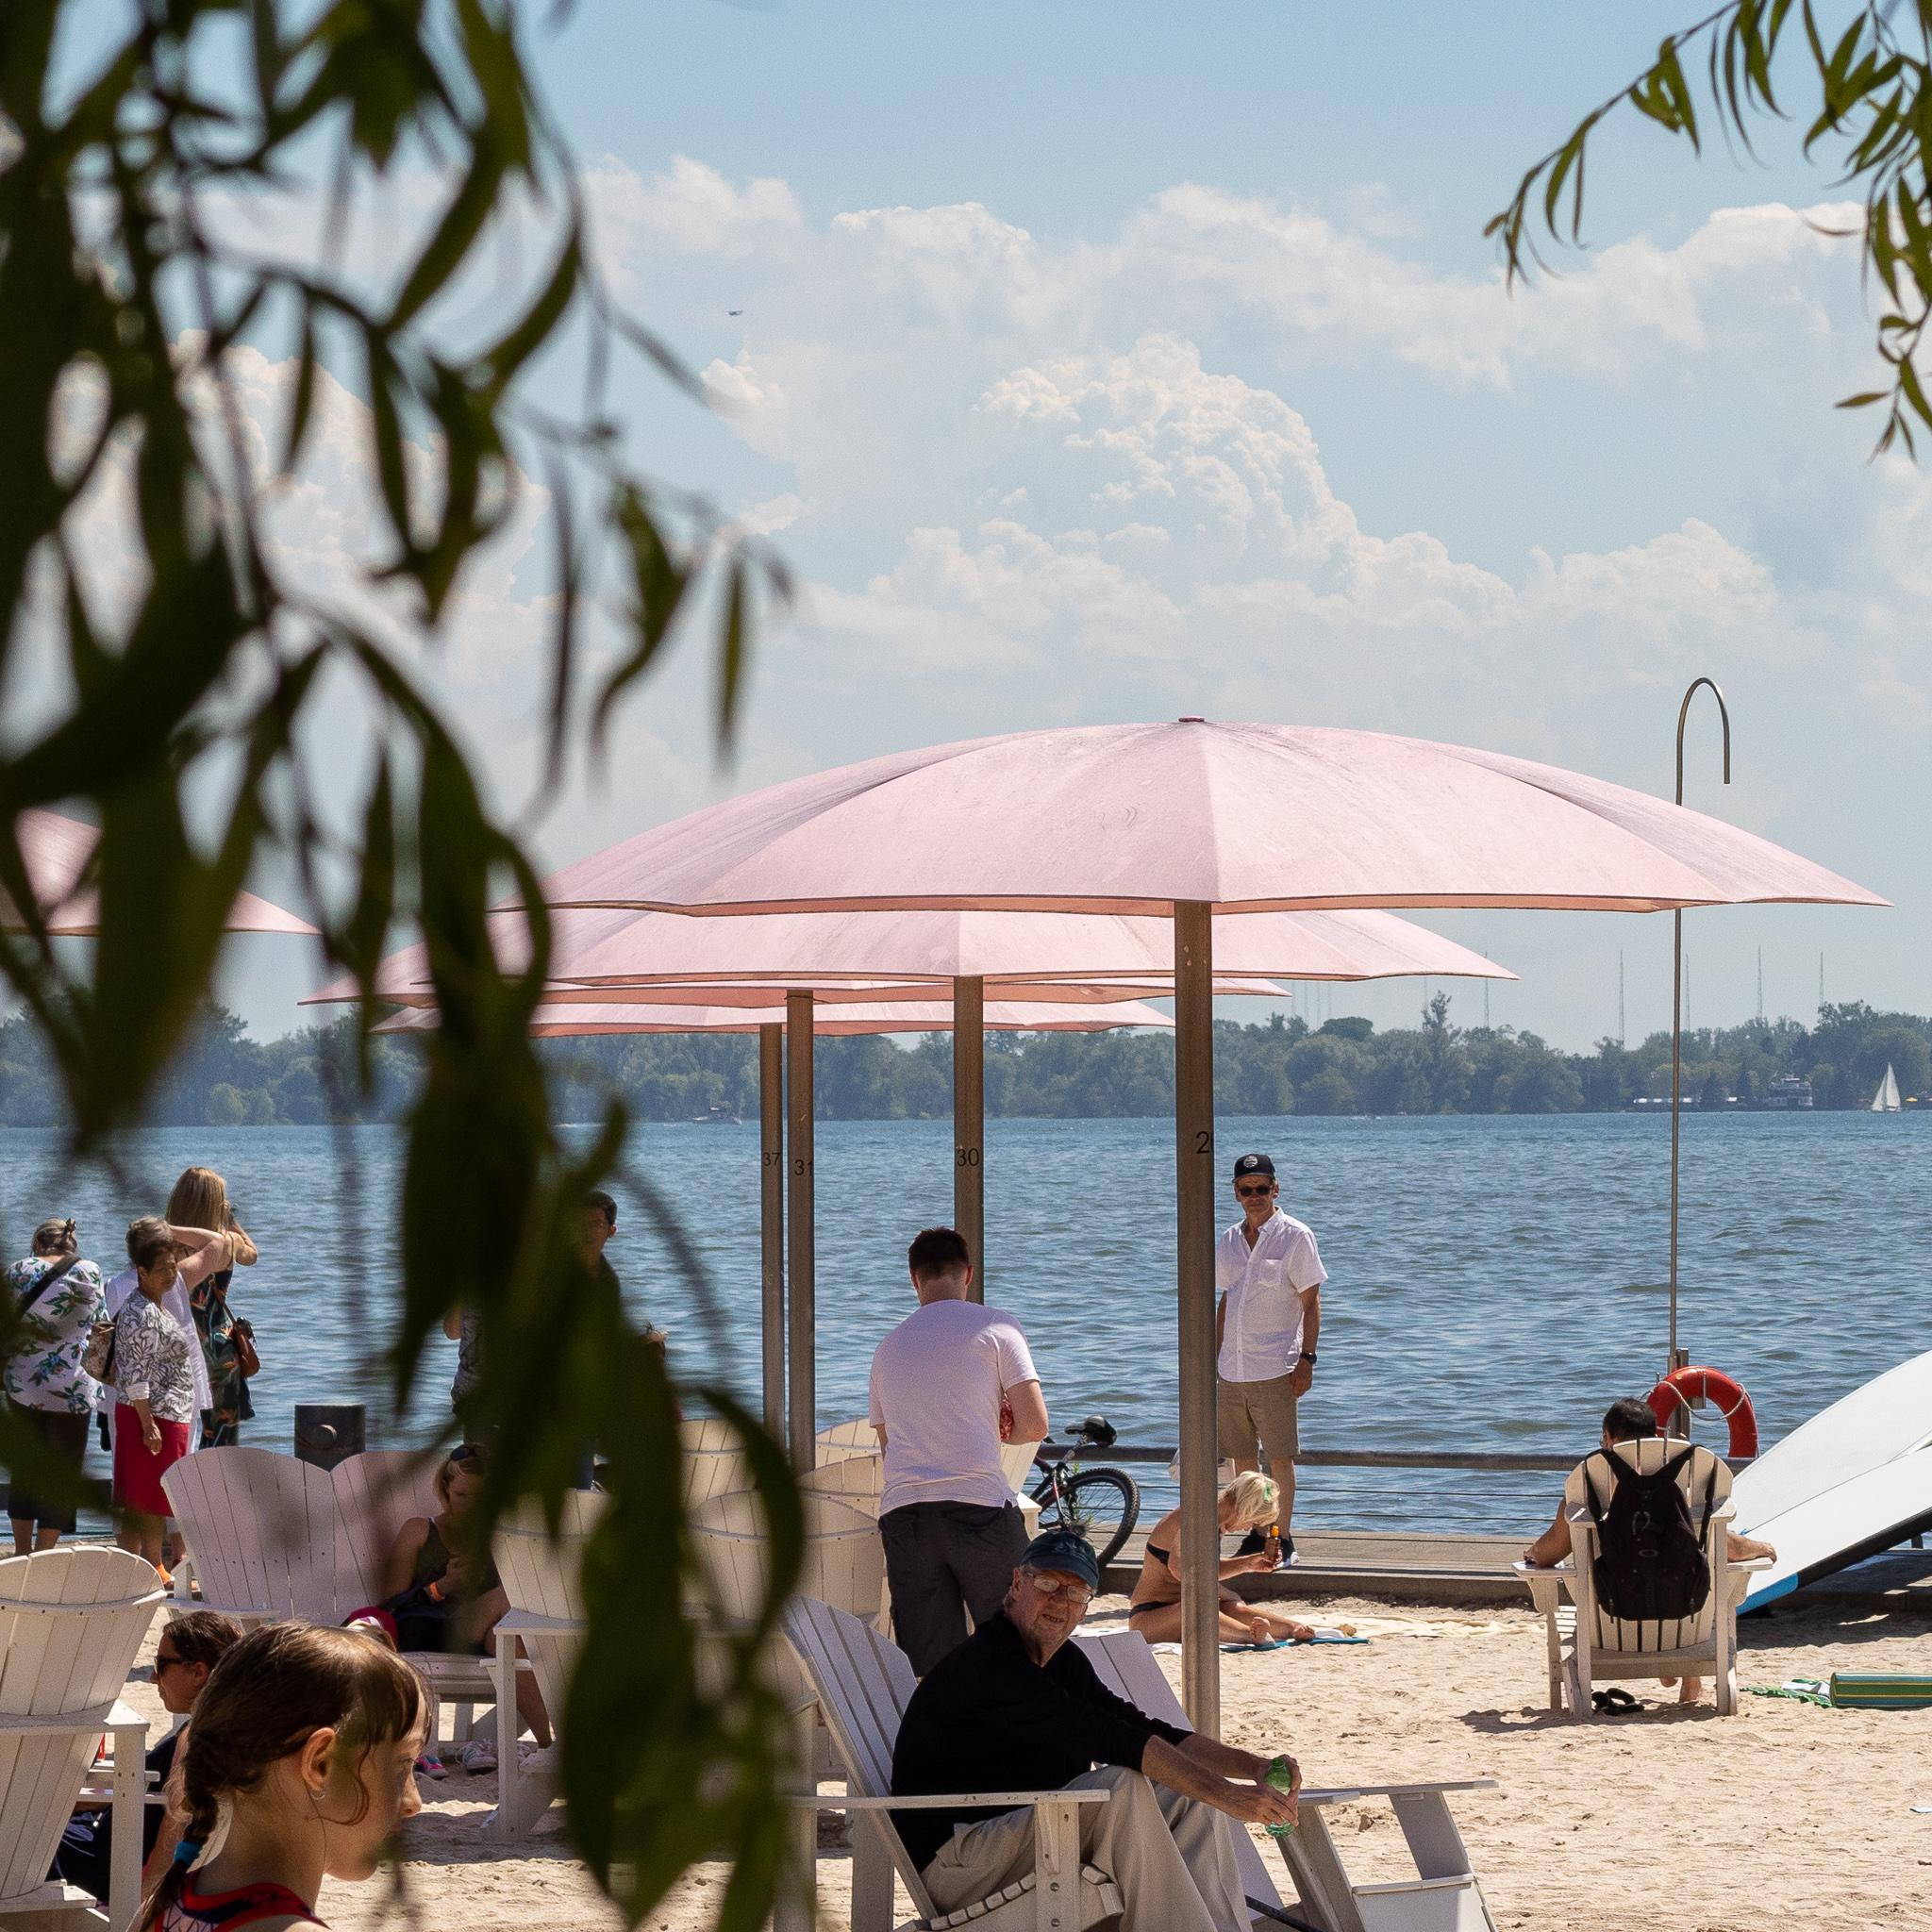 Rosa Sonnenschirme im Sugar Beach Park.